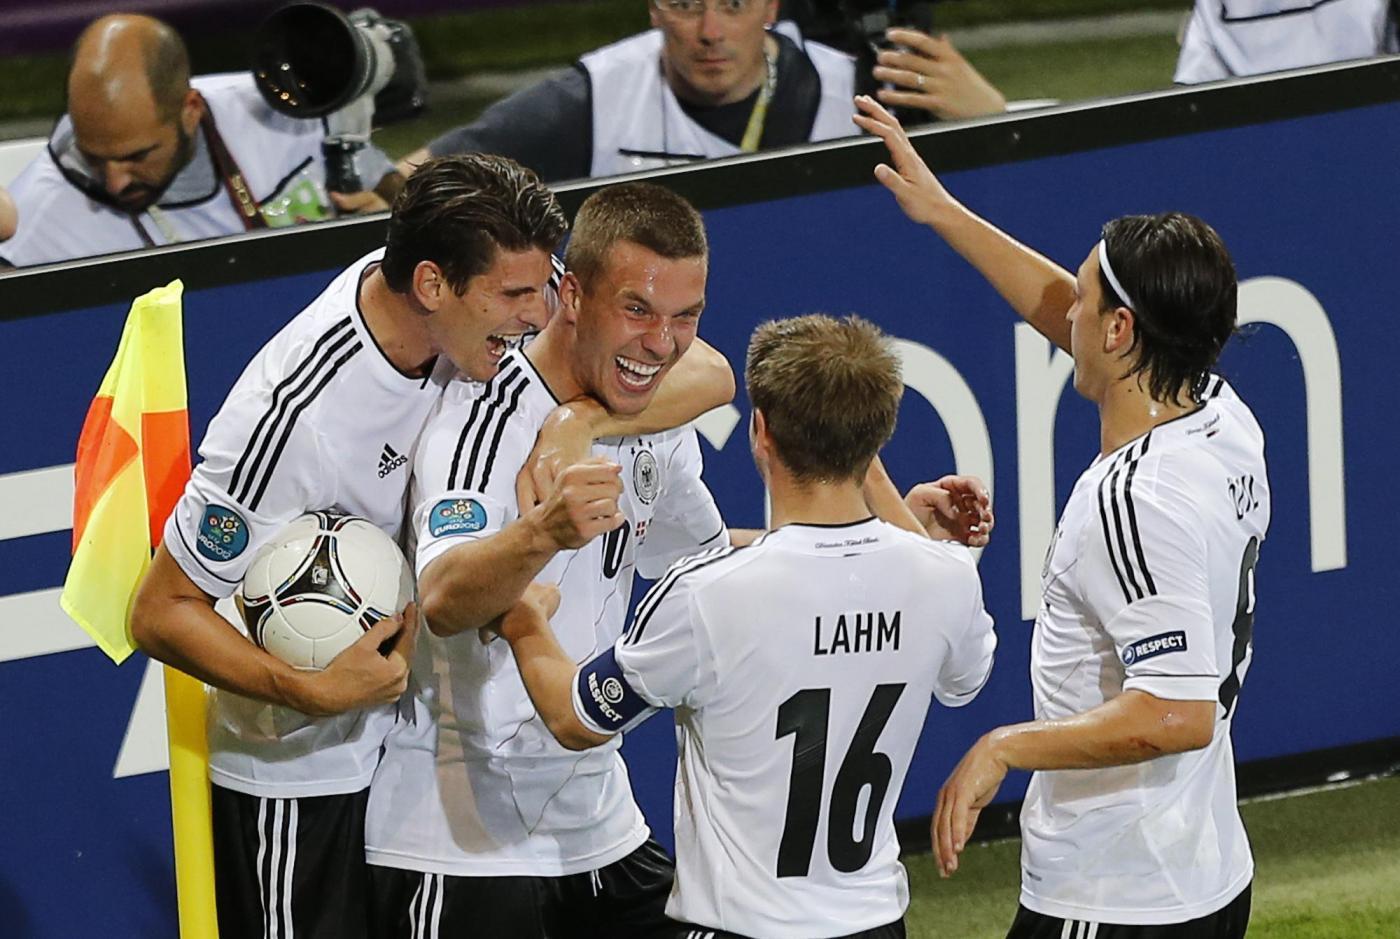 Ascolti tv domenica 17 giugno 2012: vince Danimarca-Germania, Canale 5 sotto i 2 mln